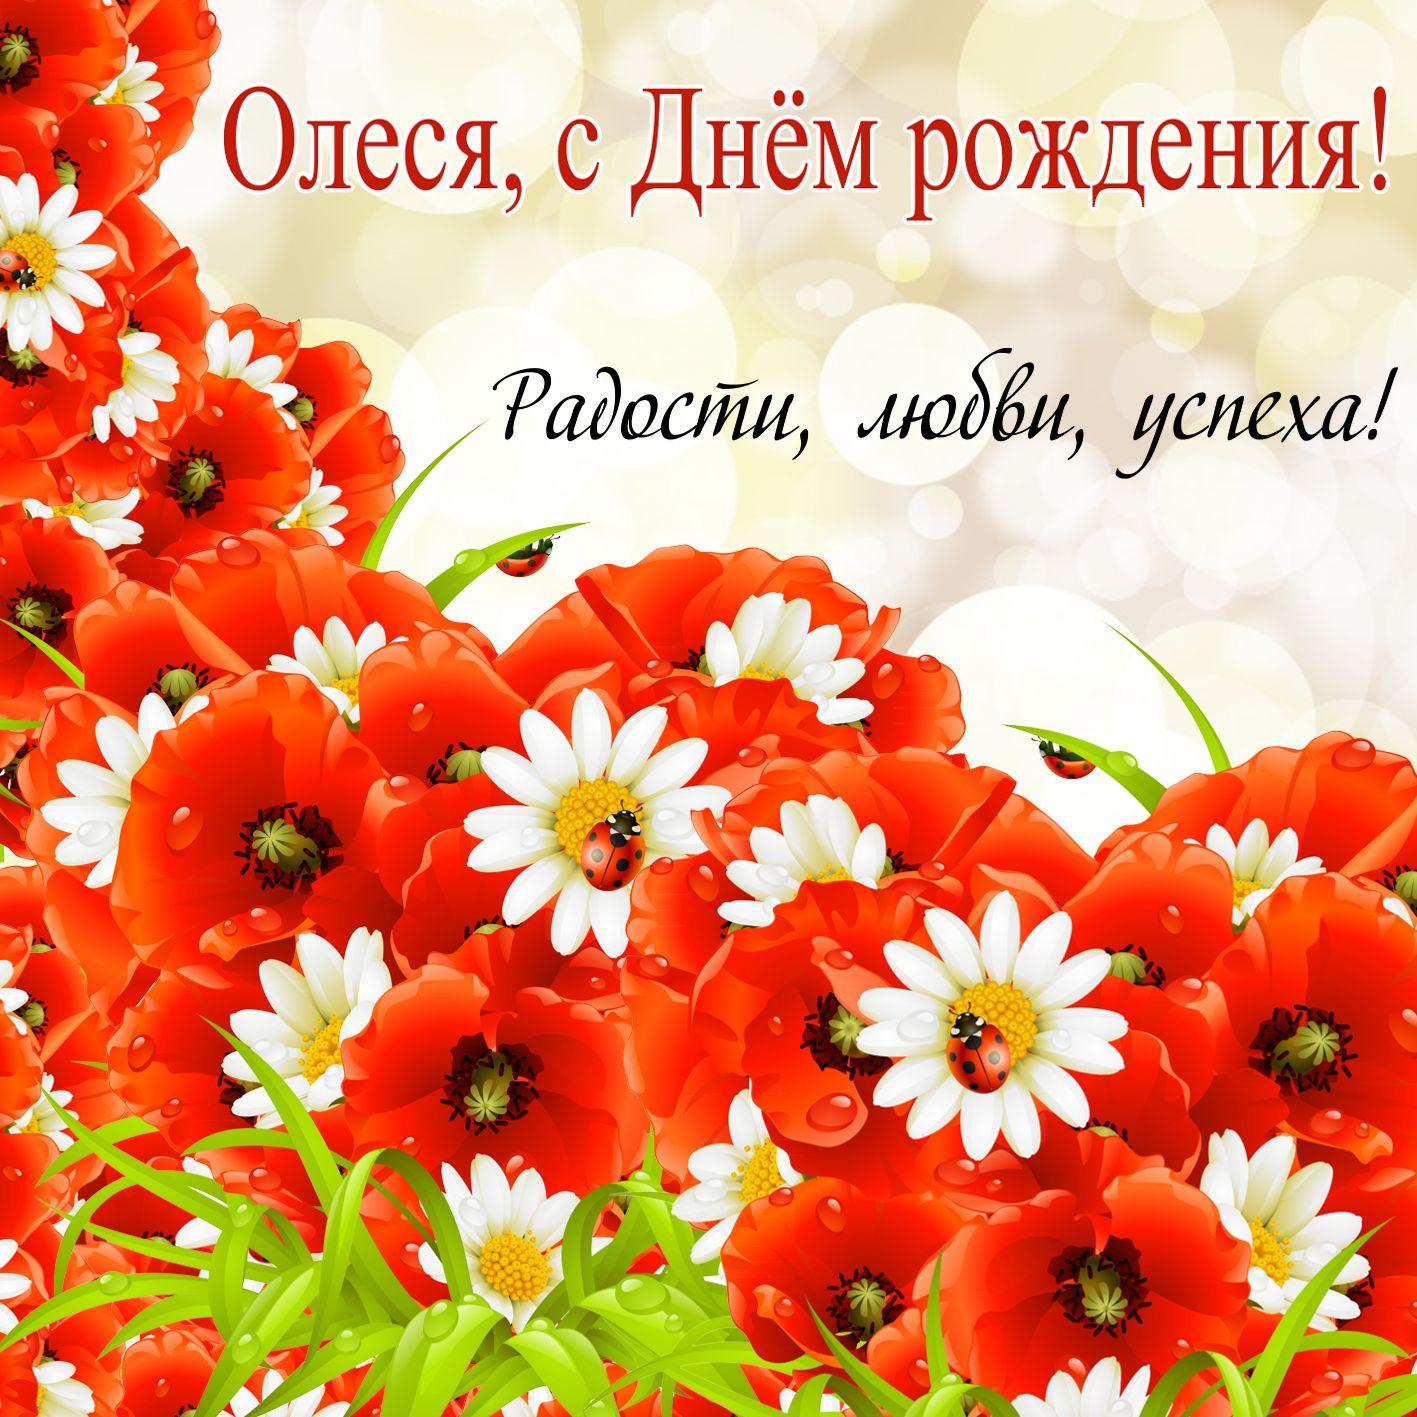 Открытка на День рождения Олесе - пожелание на фоне ярких полевых цветов